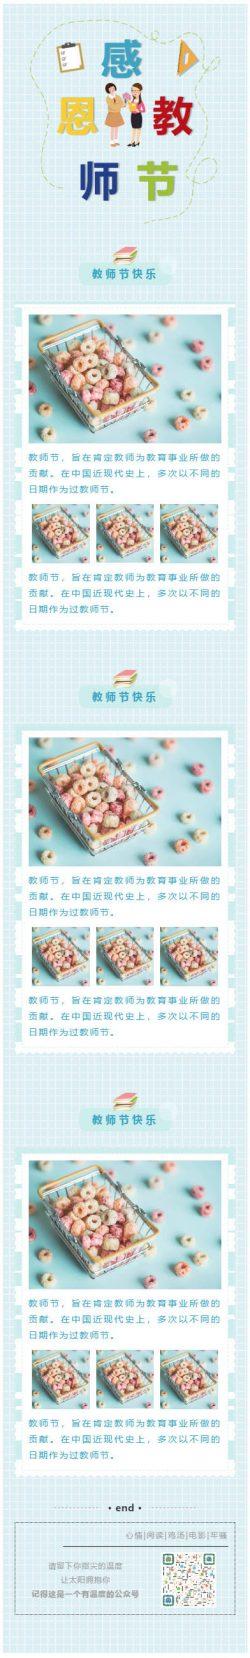 教师节快乐蓝色网格背景教育微信模板推送图文素材推文模板